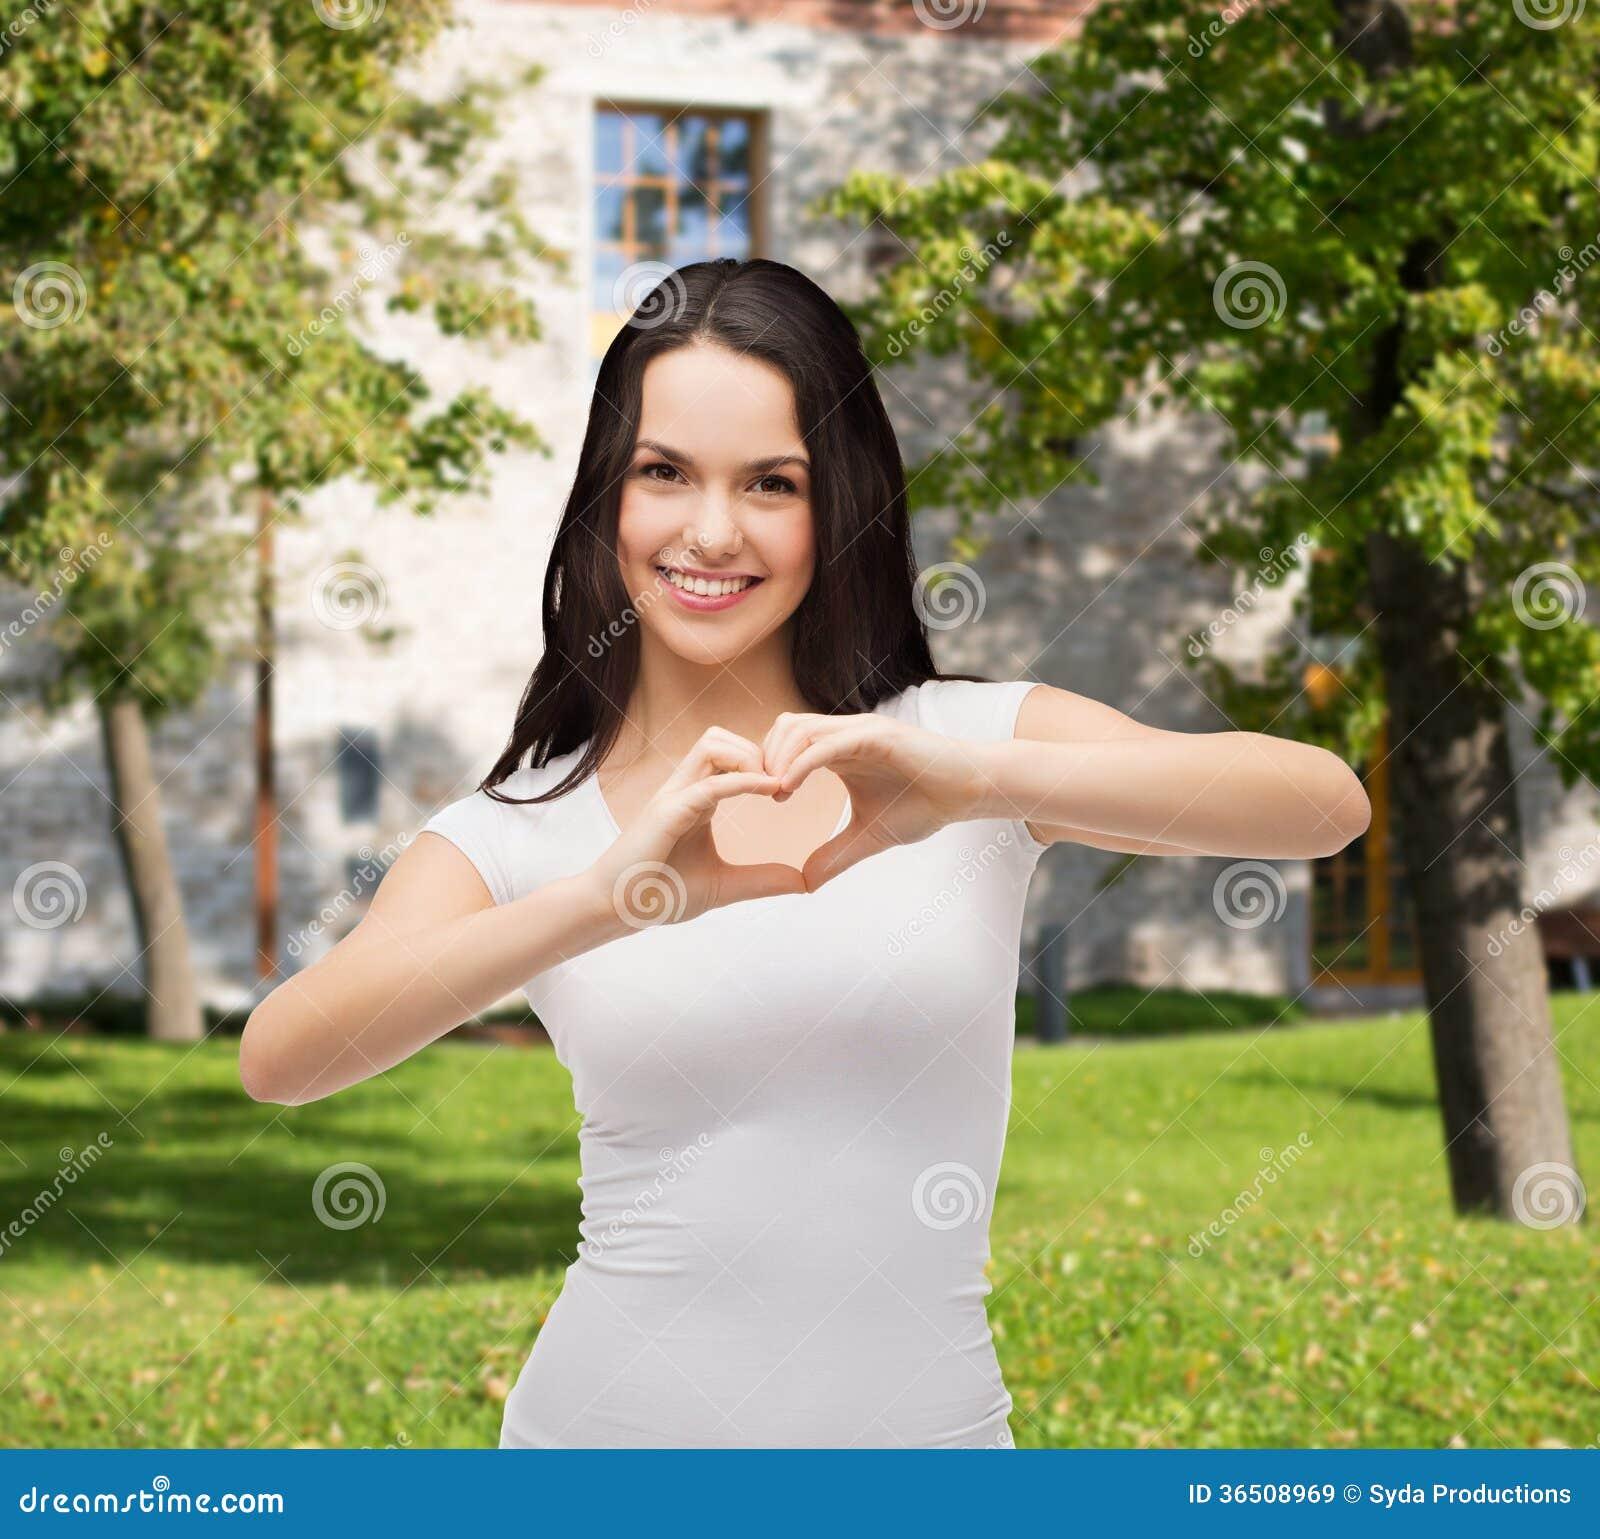 Glimlachend meisje die hart met handen tonen royalty vrije stock afbeeldingen afbeelding 36508969 - Tiener meubilair ruimte meisje ...